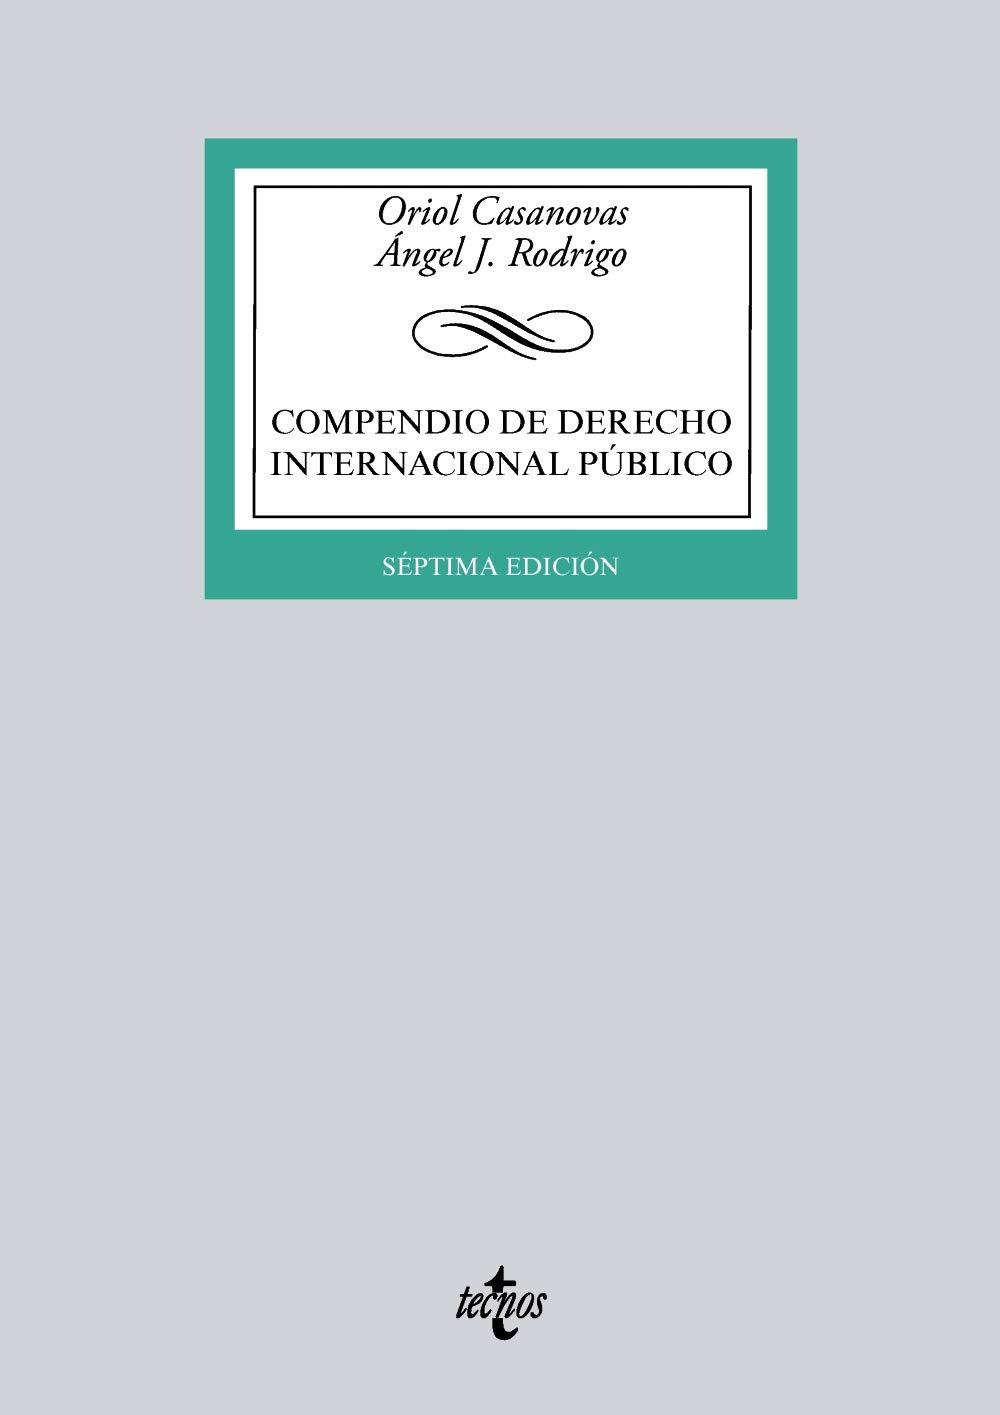 Compendio de Derecho Internacional Público (Derecho - Biblioteca Universitaria De Editorial Tecnos) Tapa blanda – 13 sep 2018 Oriol Casanovas Ángel J. Rodrigo 8430974792 Public international law